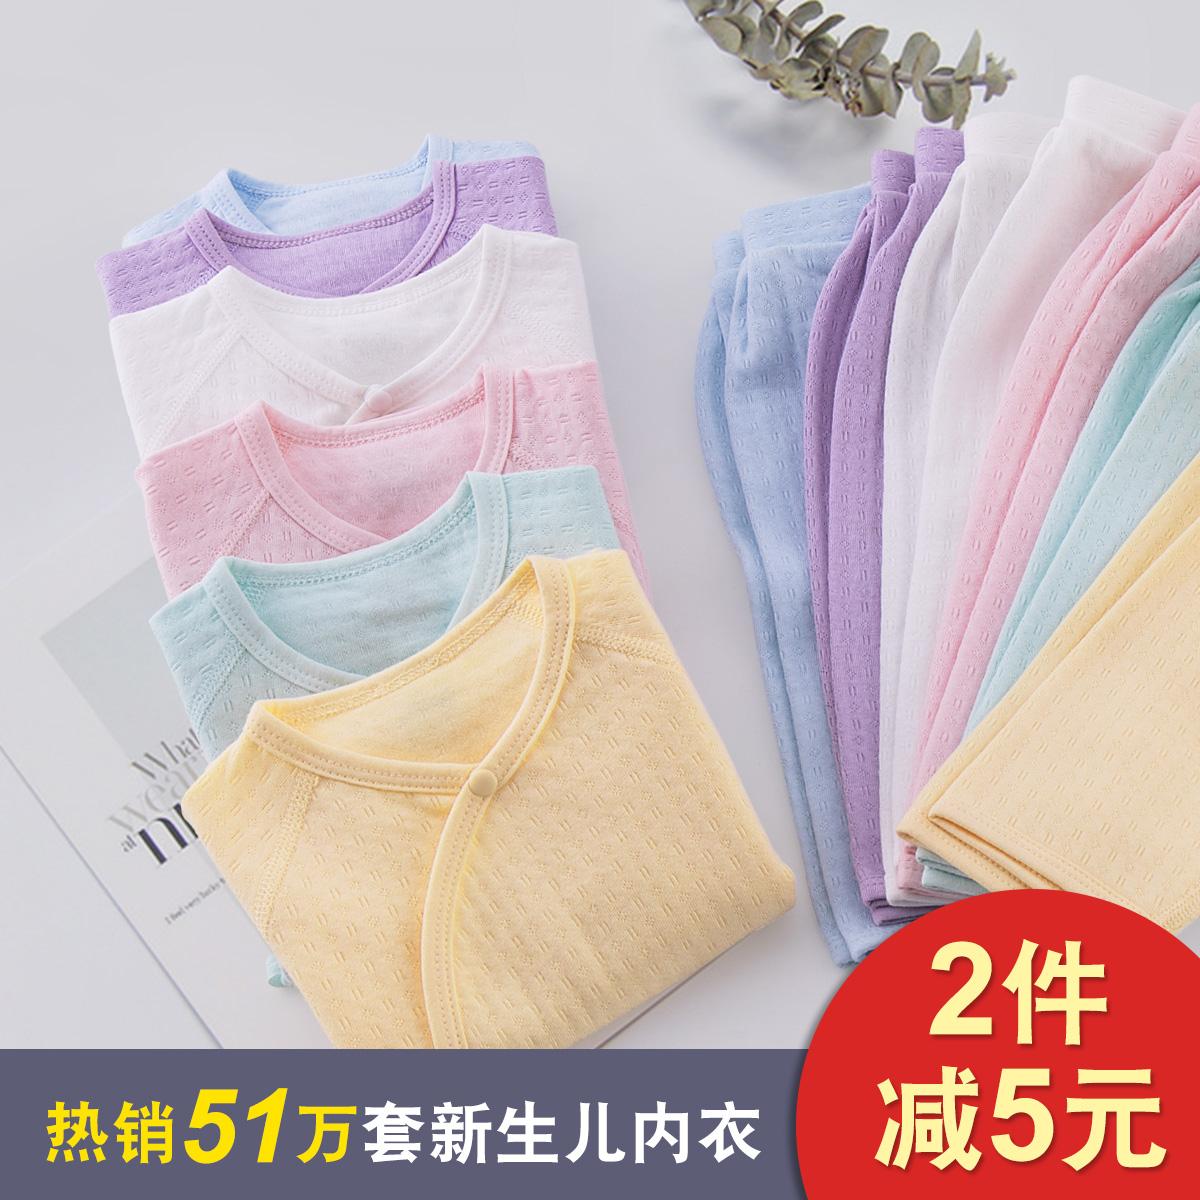 新生儿衣服纯棉秋衣宝宝内衣套装0-3个月6初生婴幼儿和尚服春秋装